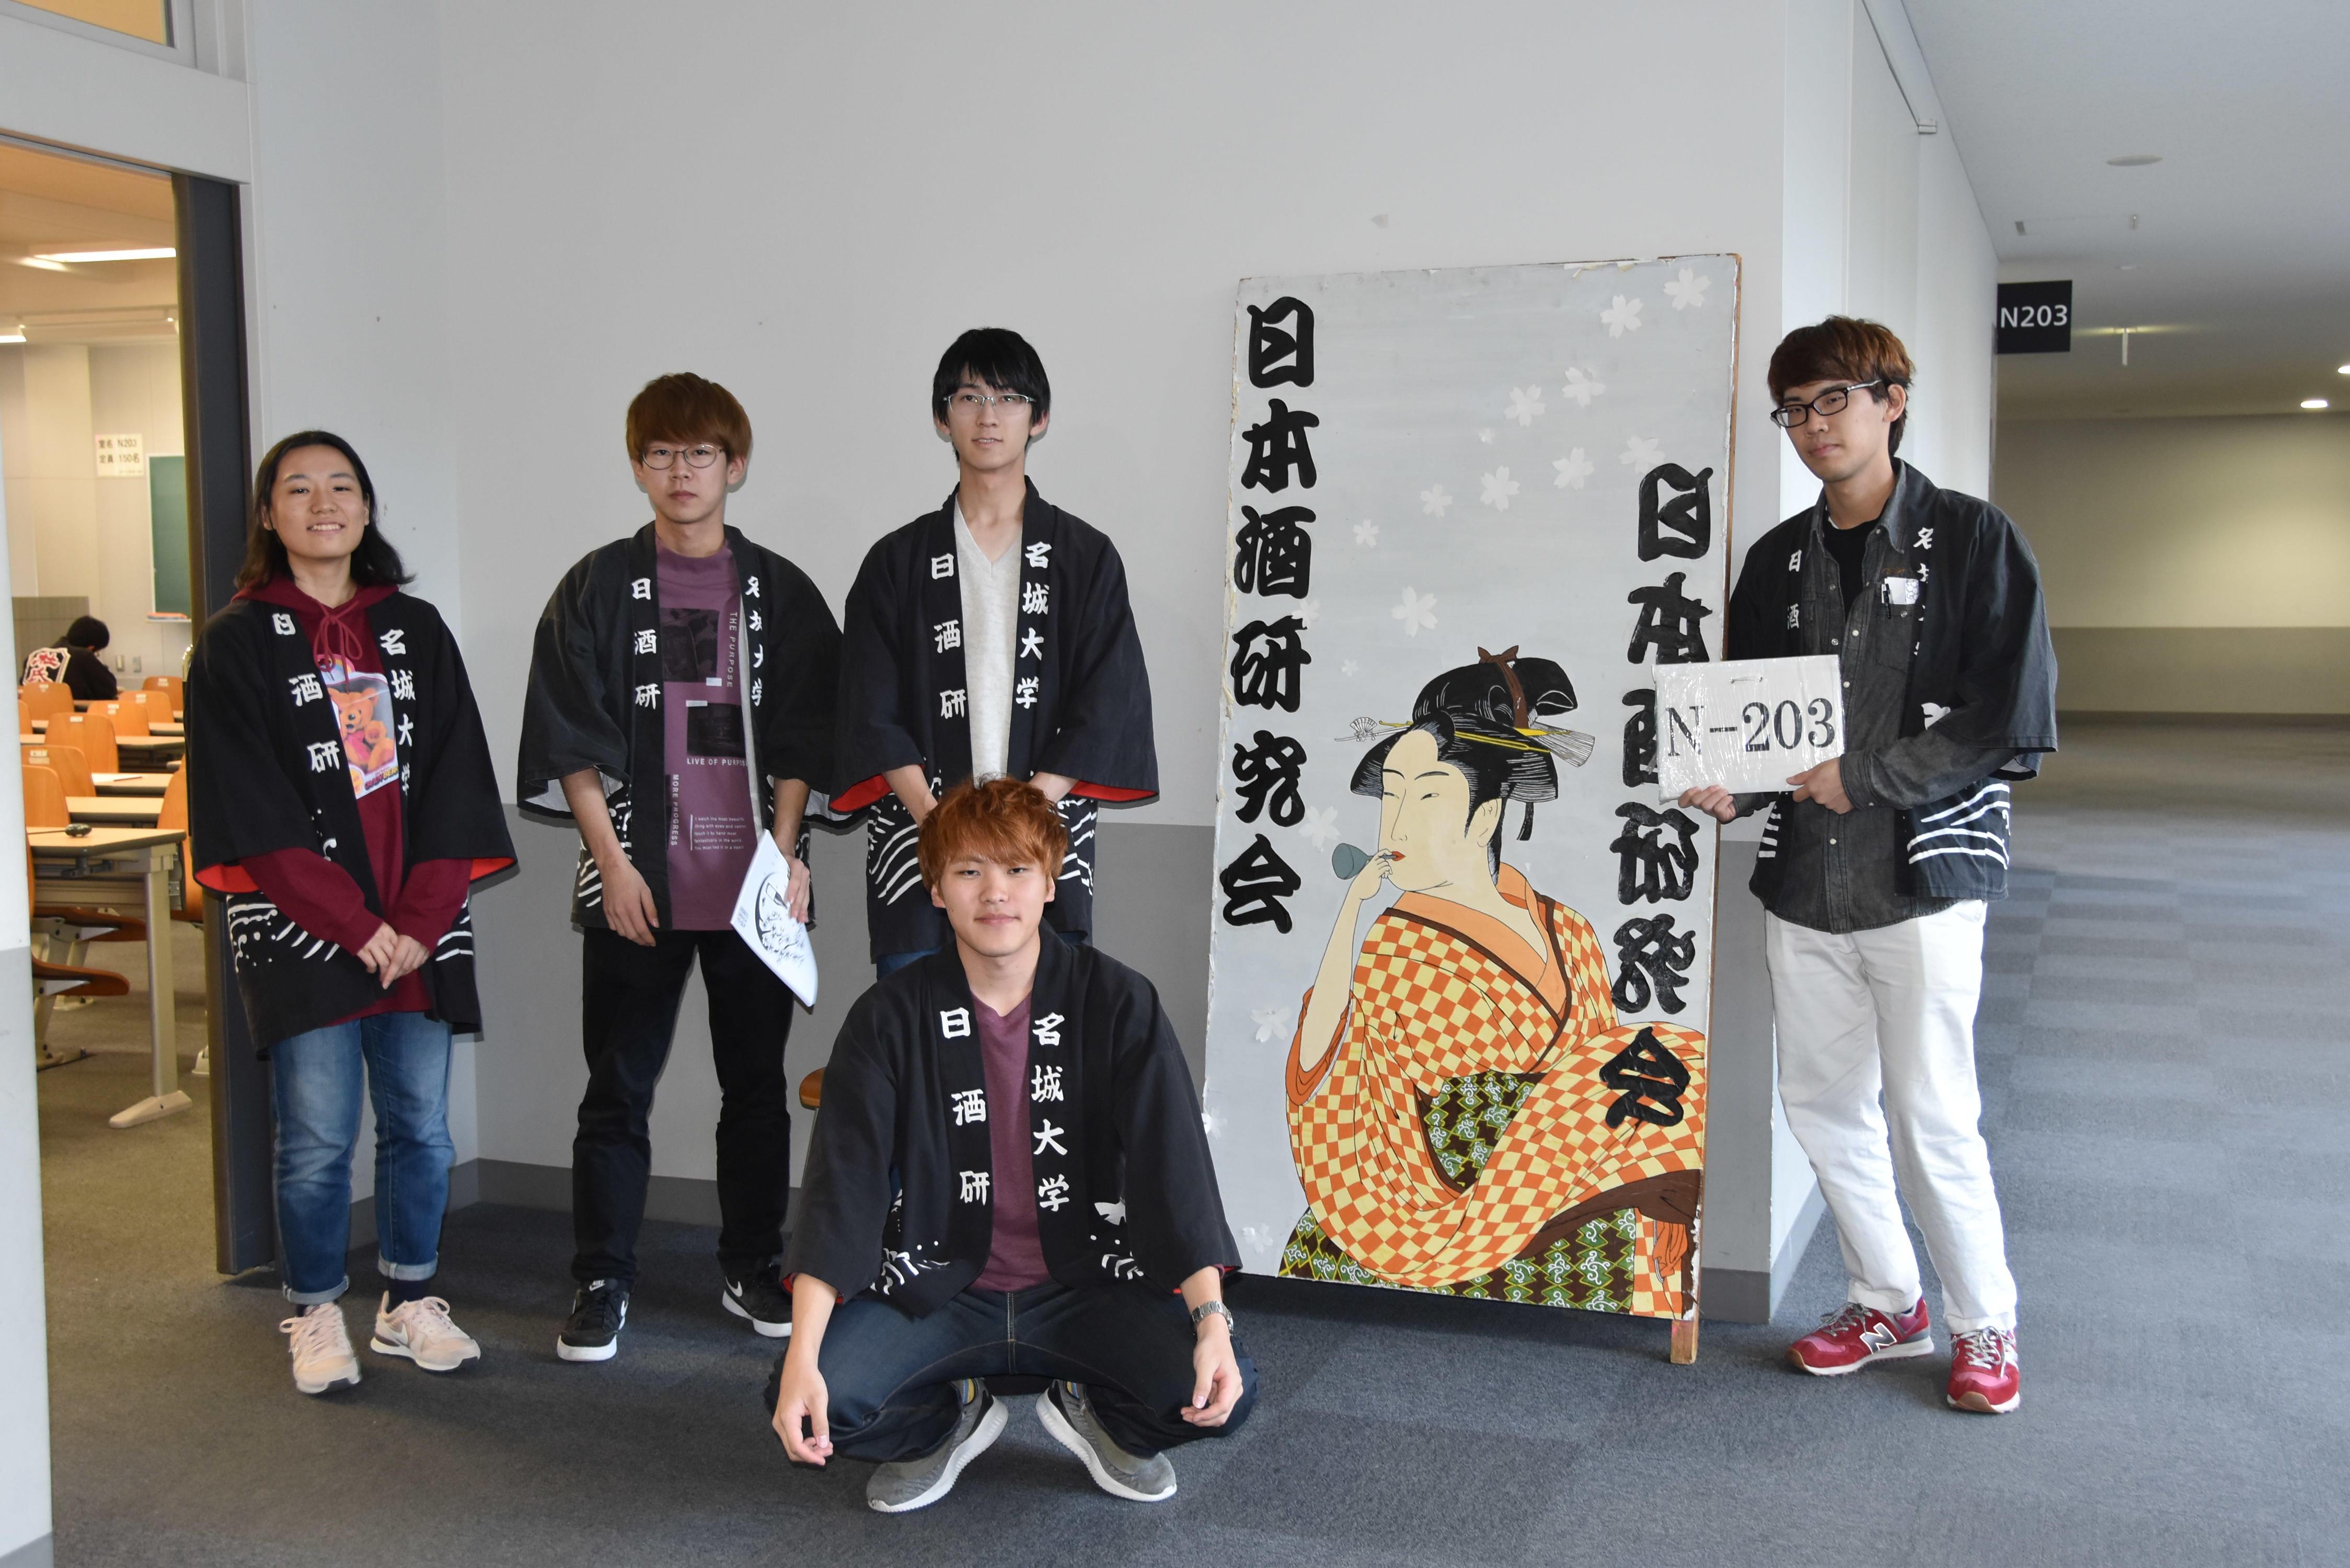 昨年の大学祭で活動内容を披露した日本酒研究会の部員たち=天白キャンパスで